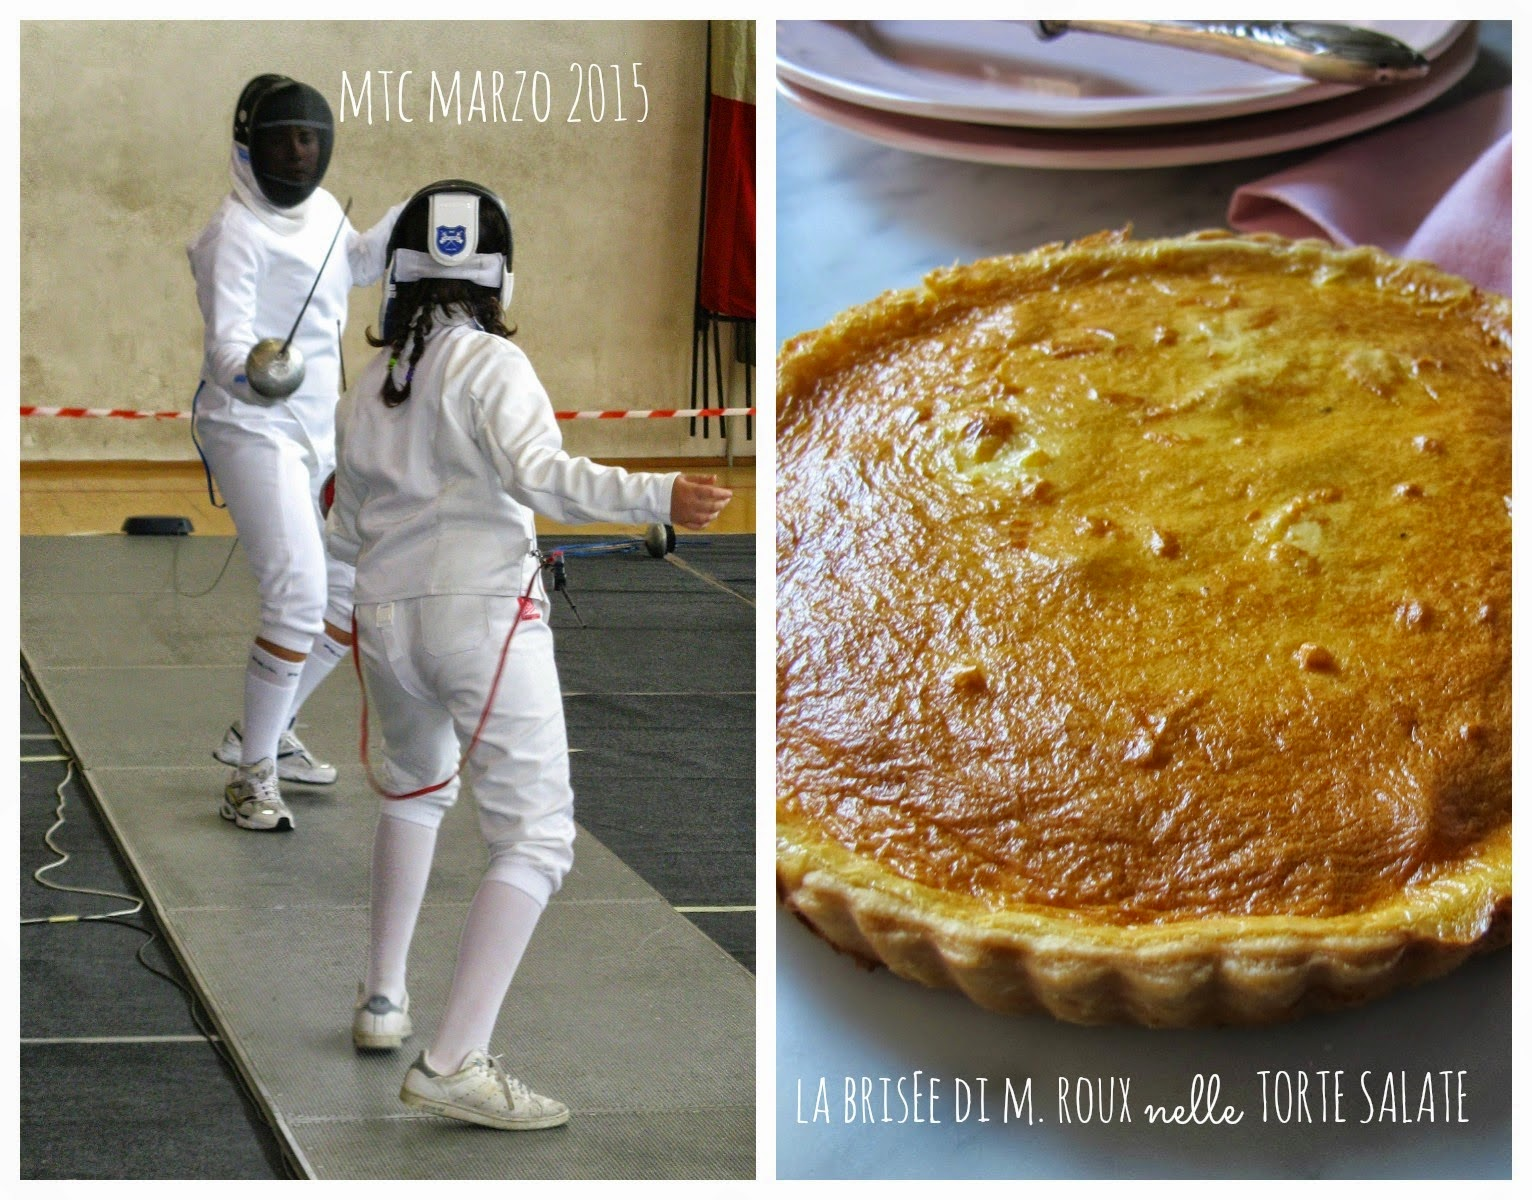 http://www.mtchallenge.it/2015/03/mtcn-46la-ricetta-dellasfida-di-marzo.html